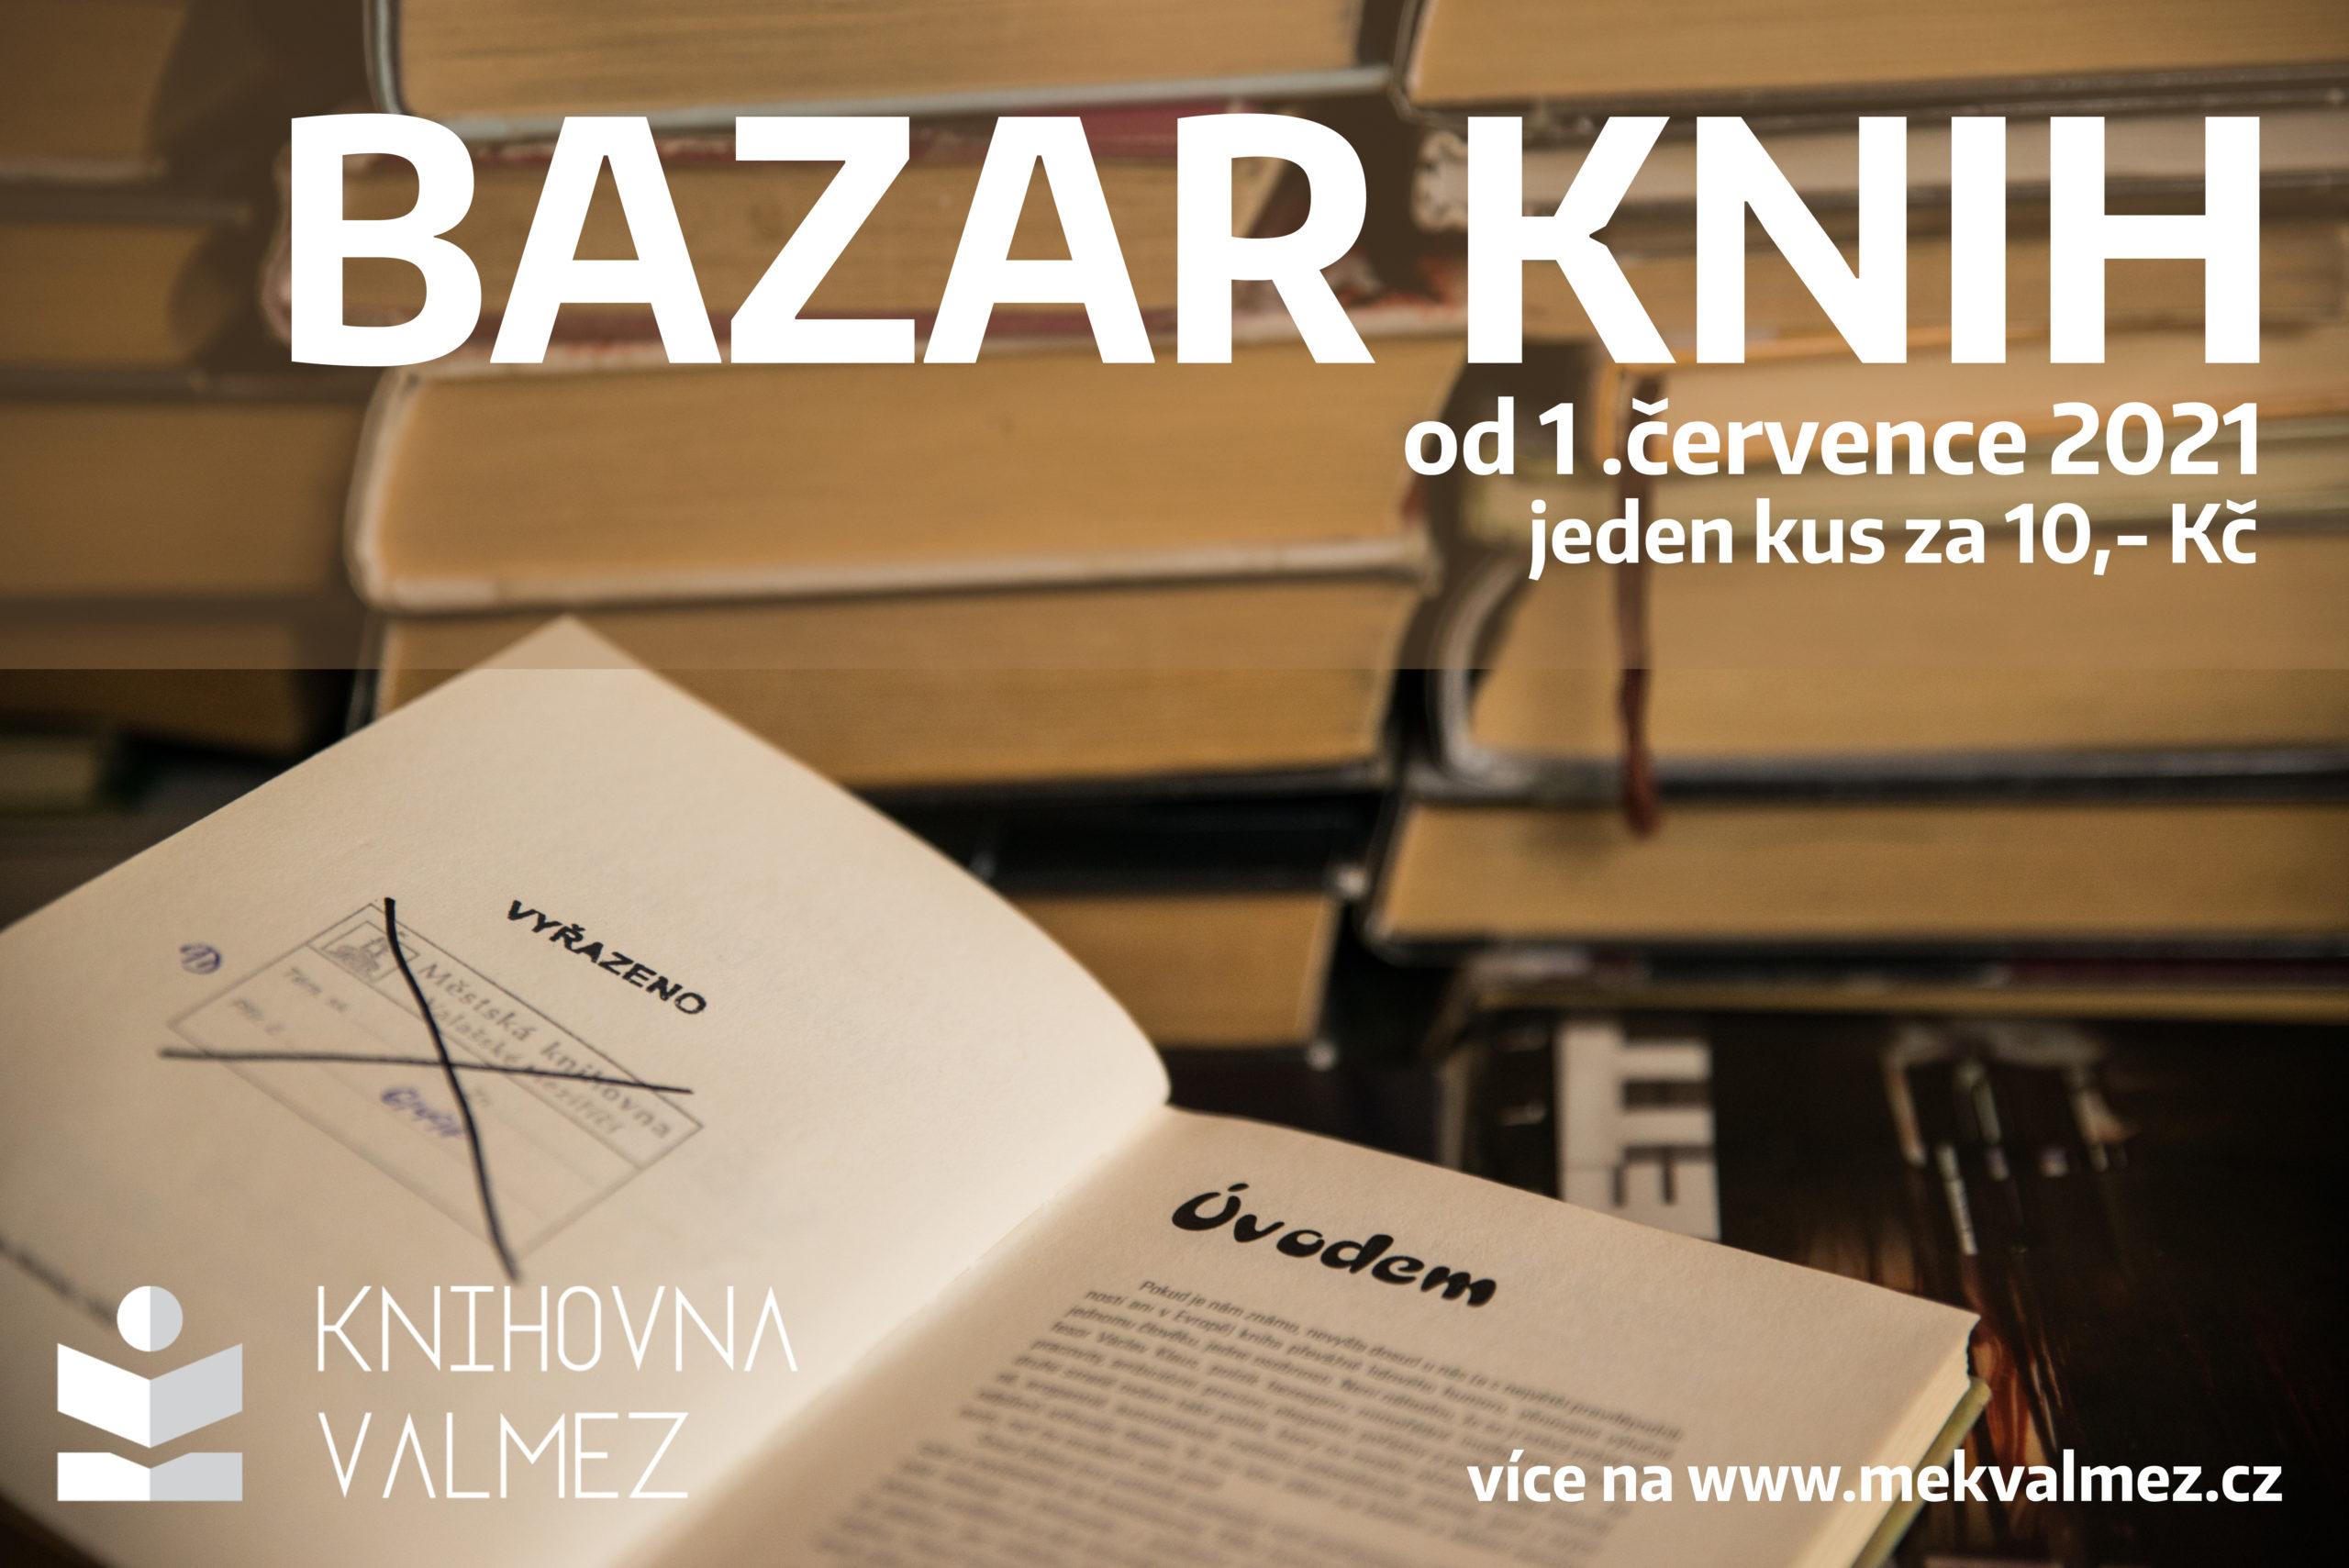 Bazar knih 2021